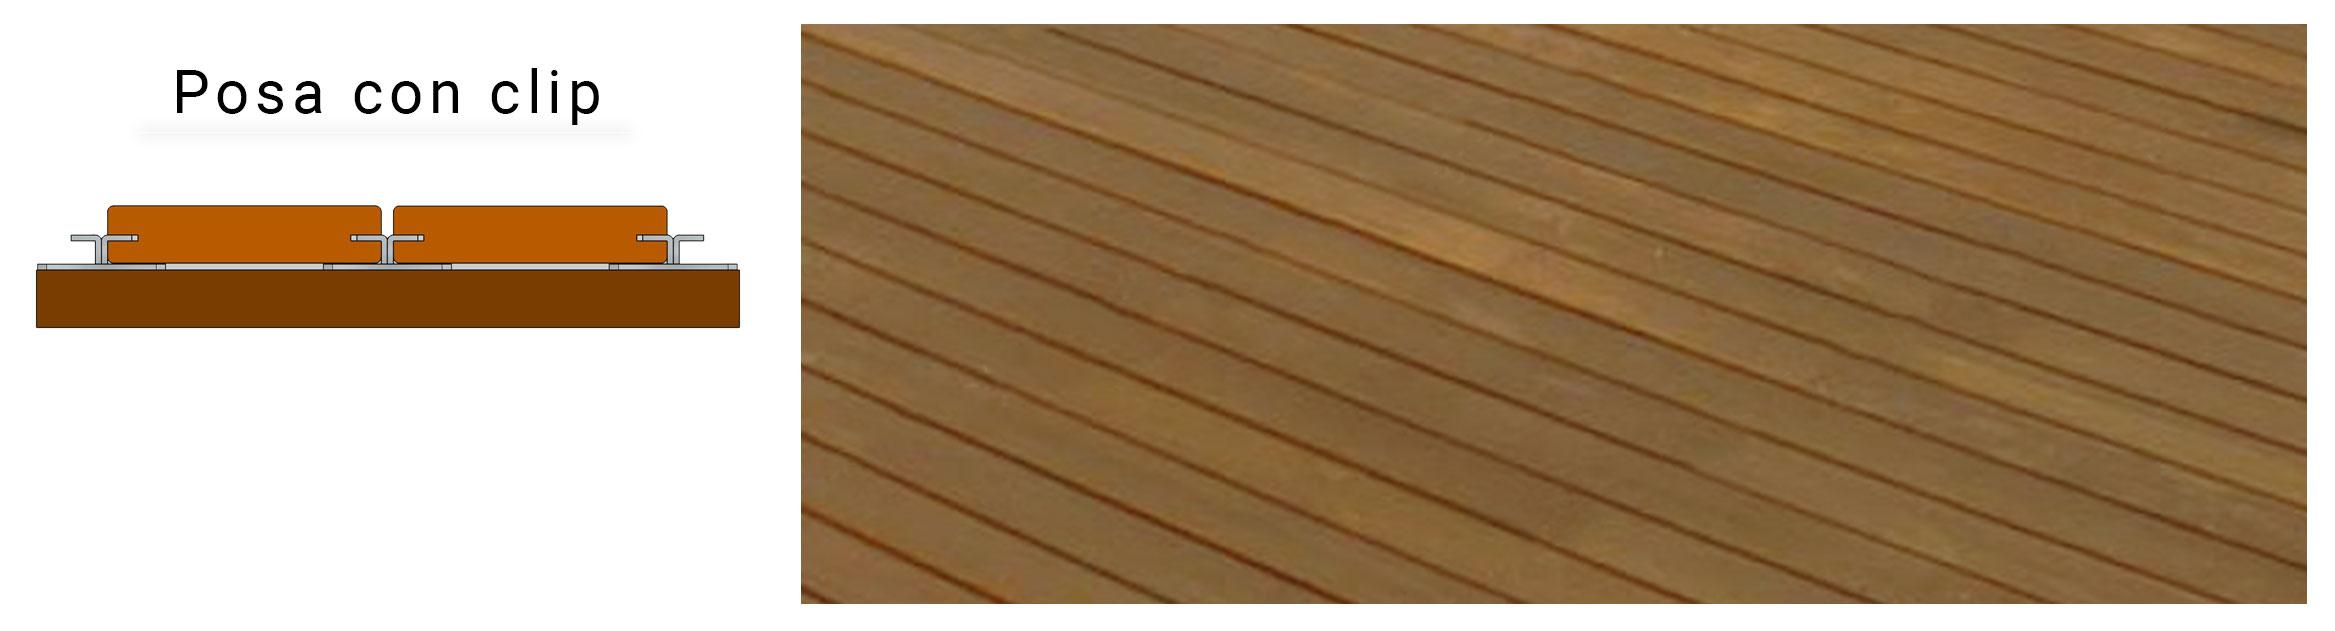 Sistemi di posa Pavimentazione in legno naturale